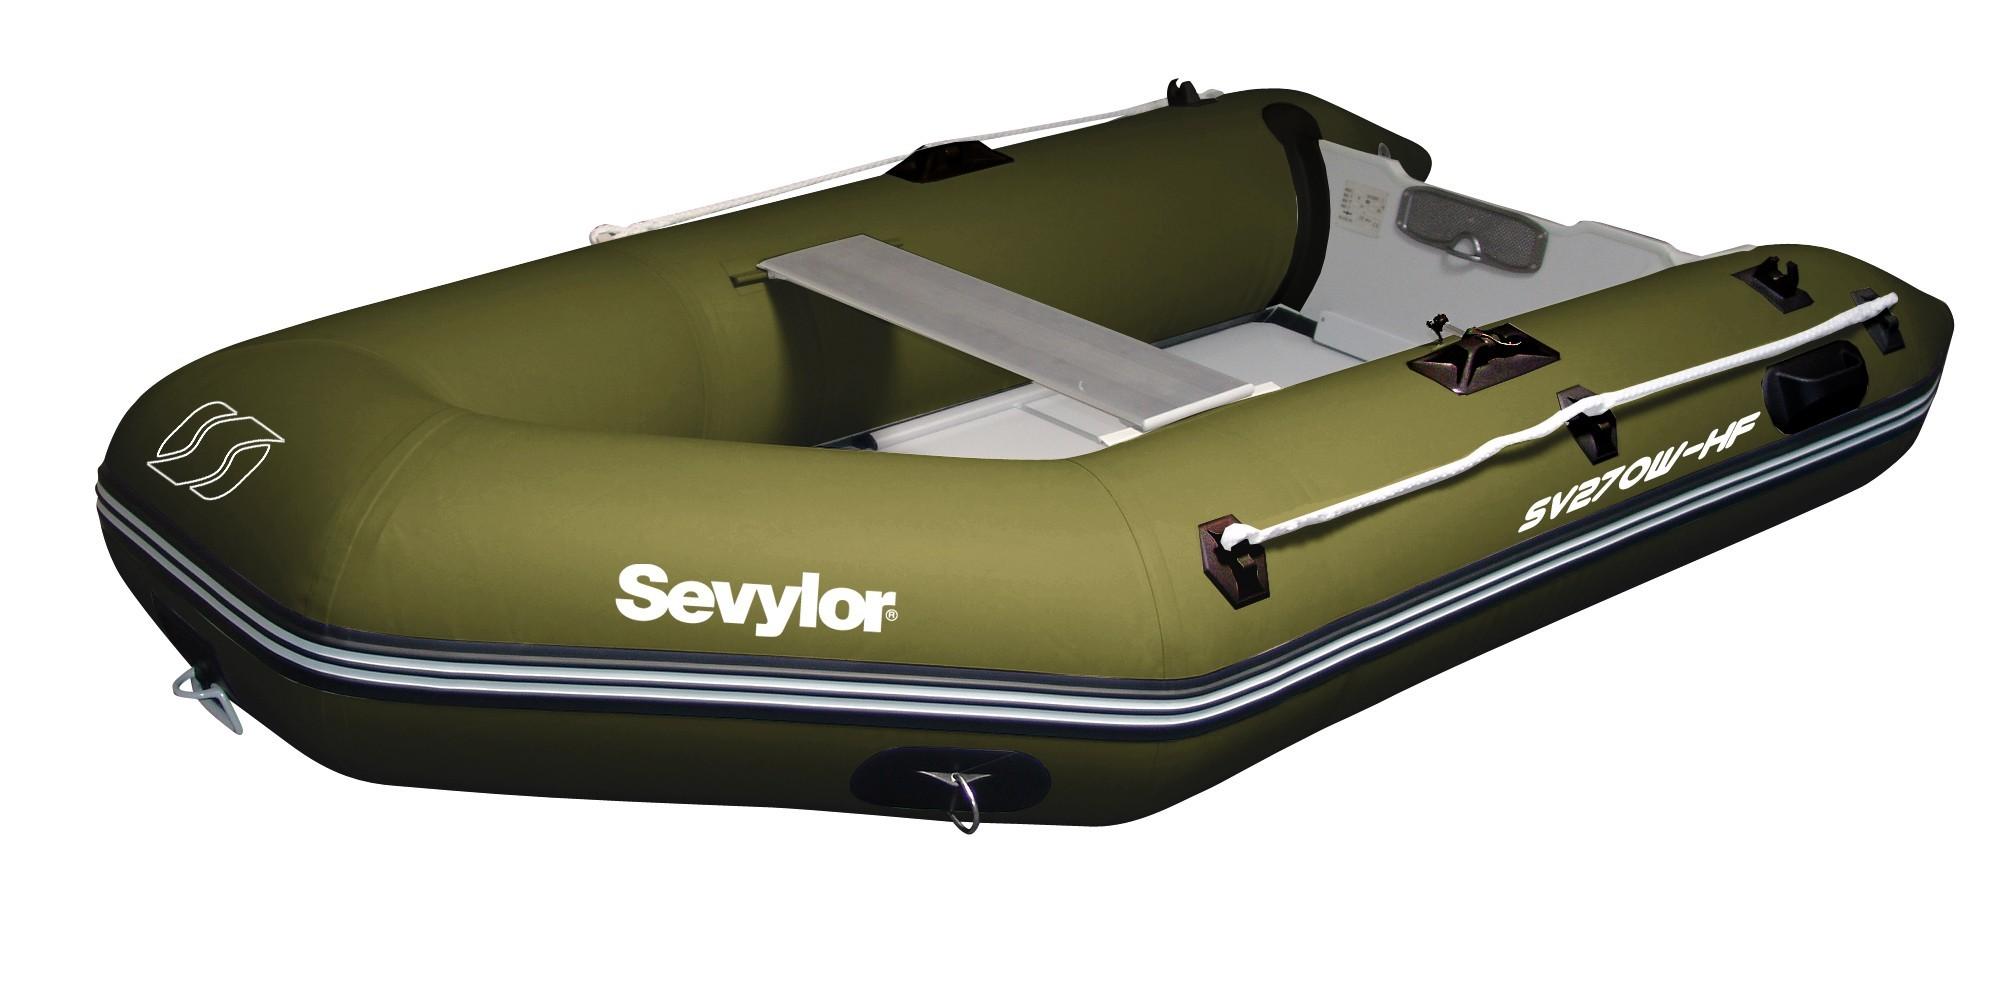 pour un dimanche la p che n 39 oubliez pas votre bateau gonflable aquitaine. Black Bedroom Furniture Sets. Home Design Ideas